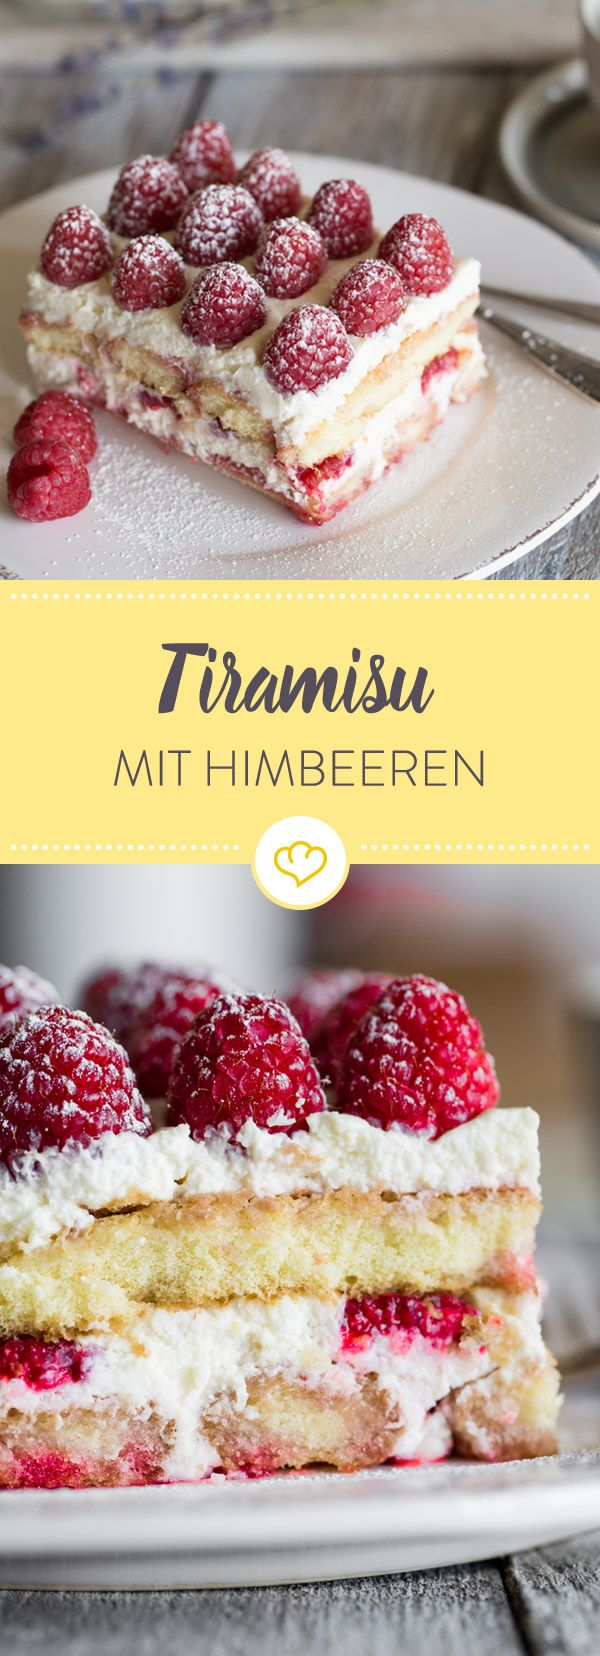 Frisch, fruchtig, fantastico! 8 Rezepte für Obst-Tiramisu heidi ososkalo